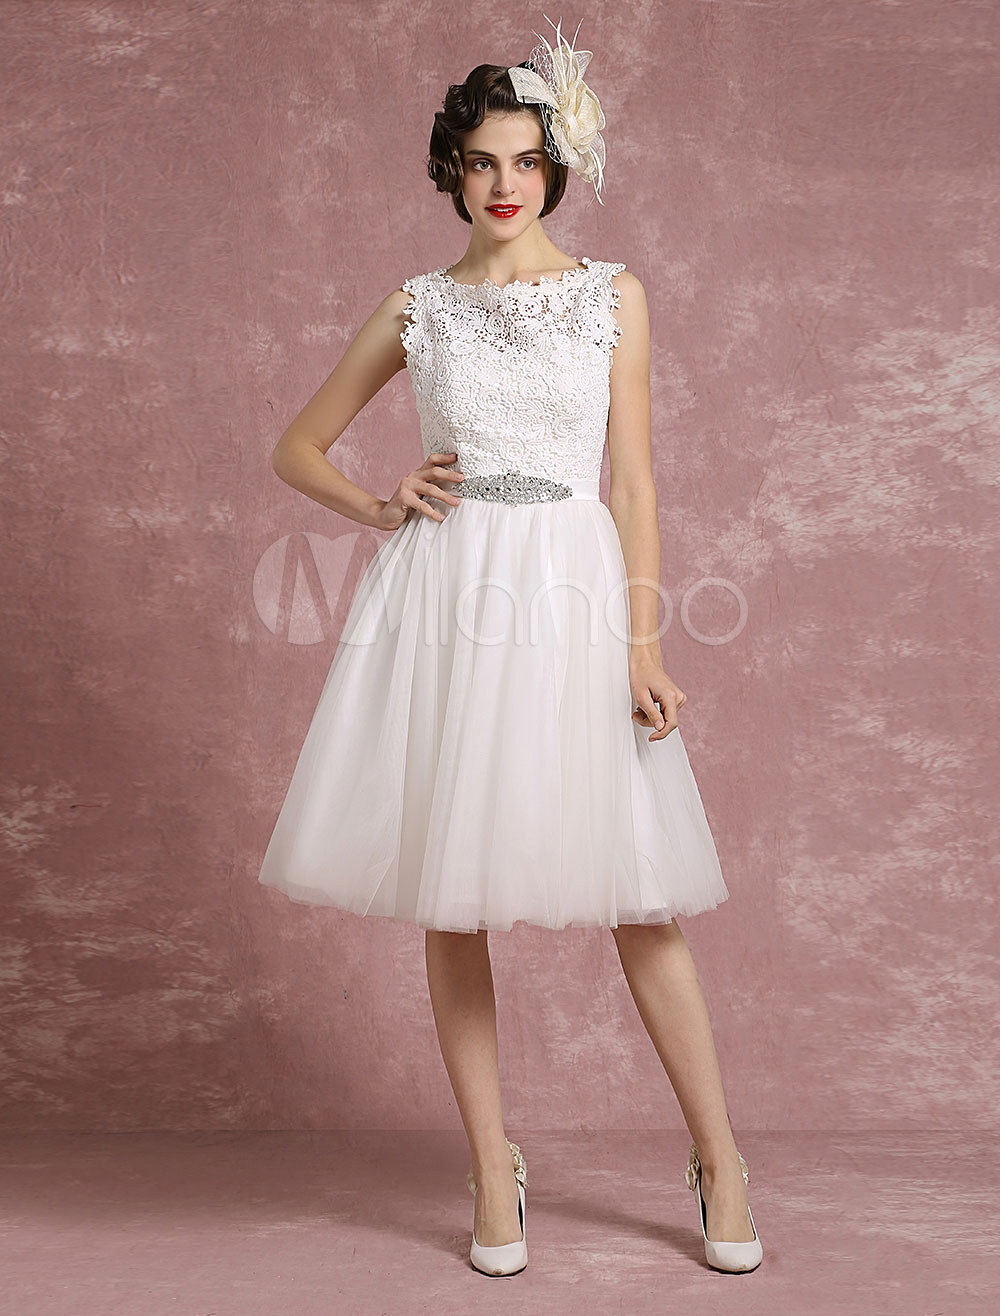 Vintage Hochzeit Kleid Spitze Illusion Kurze Brautkleid Tull